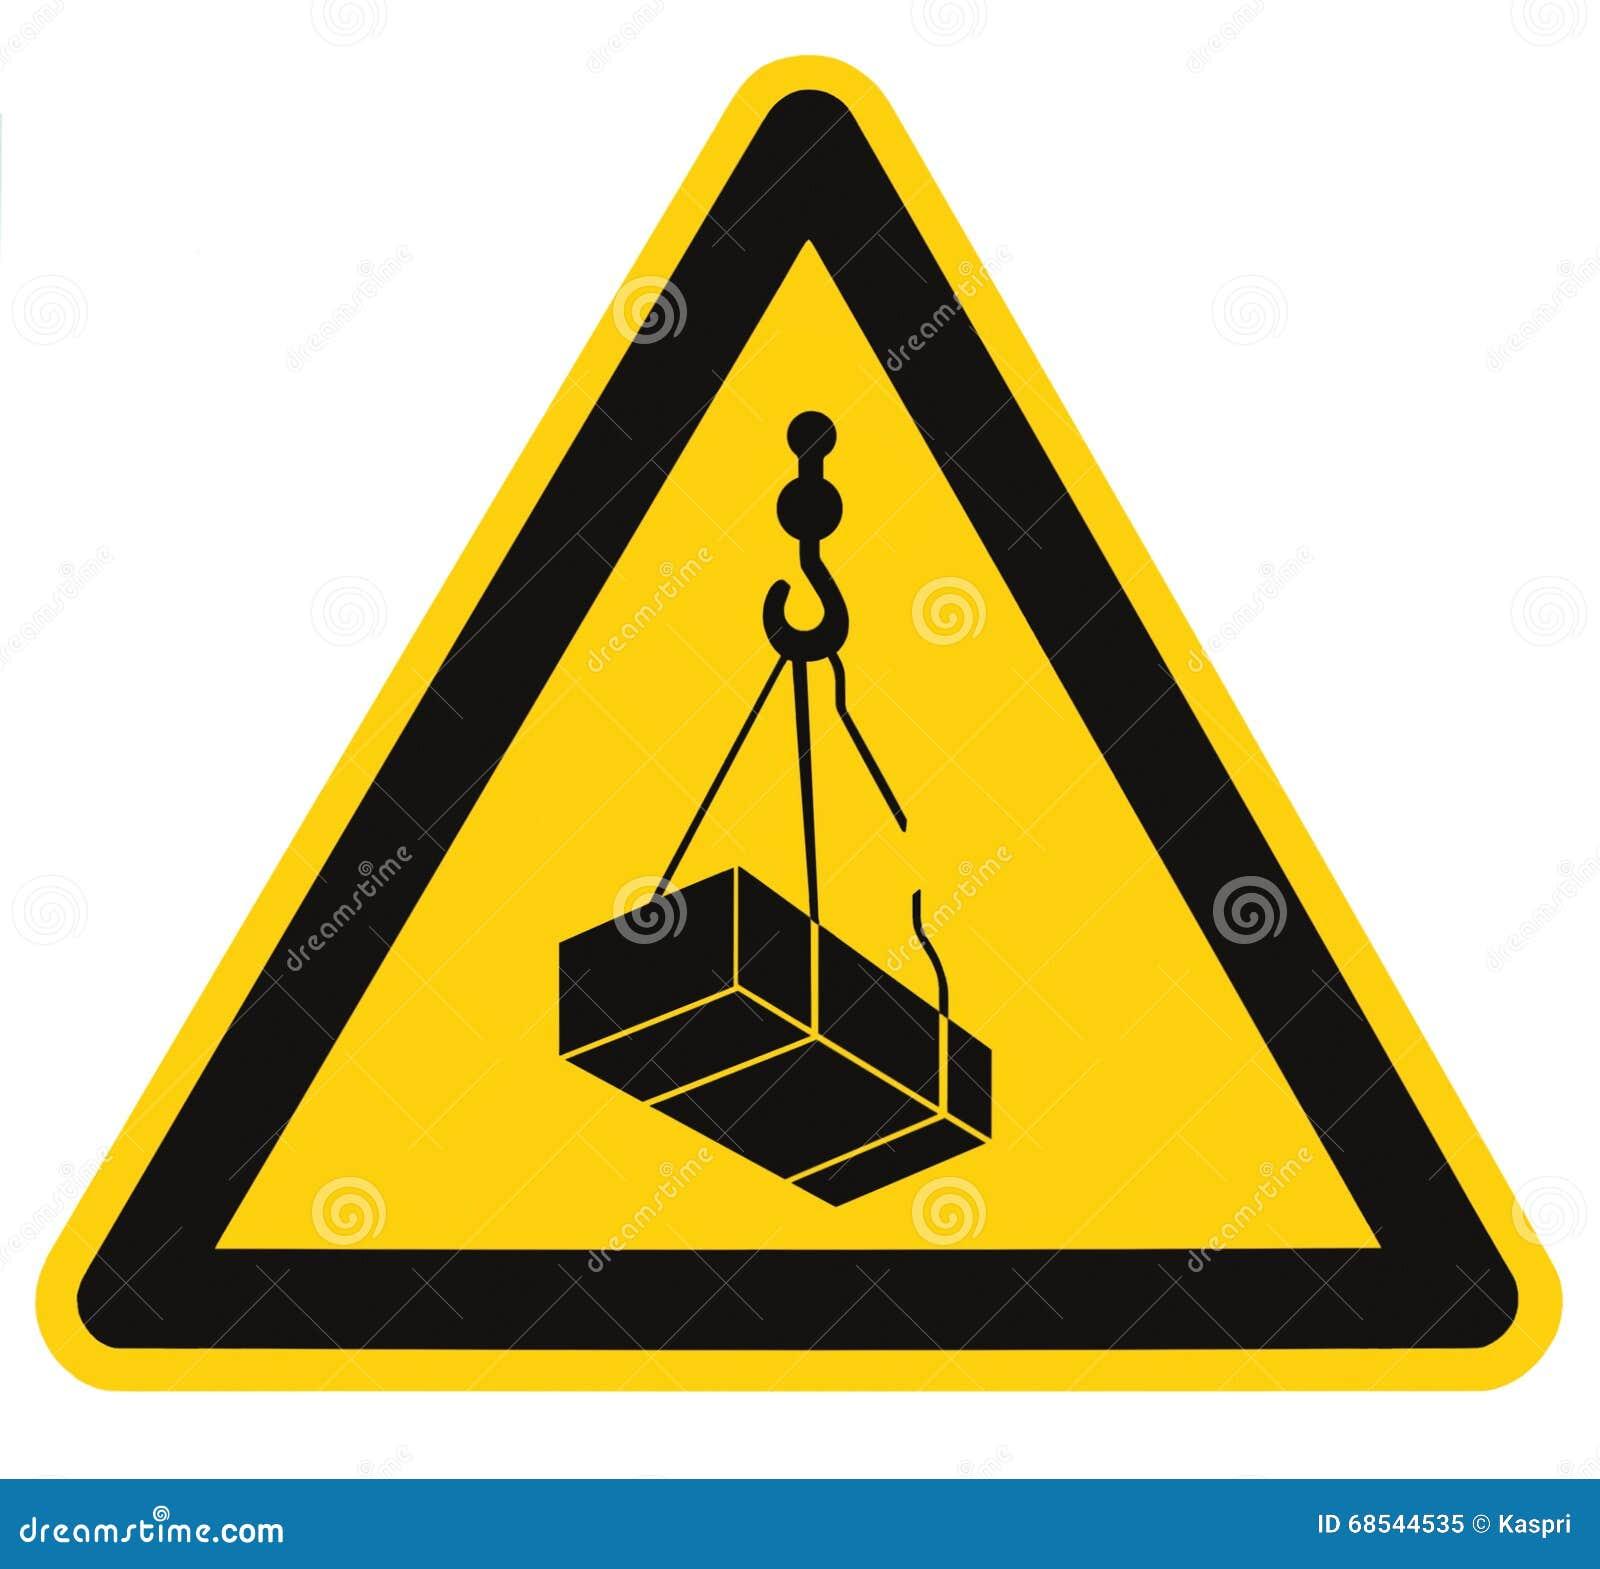 Die obenliegende Gefahr, Kranlastsabsturzgefährdungs-Risikozeichen, Frachtikone Signage, lokalisierte schwarzes Dreieck über gelb